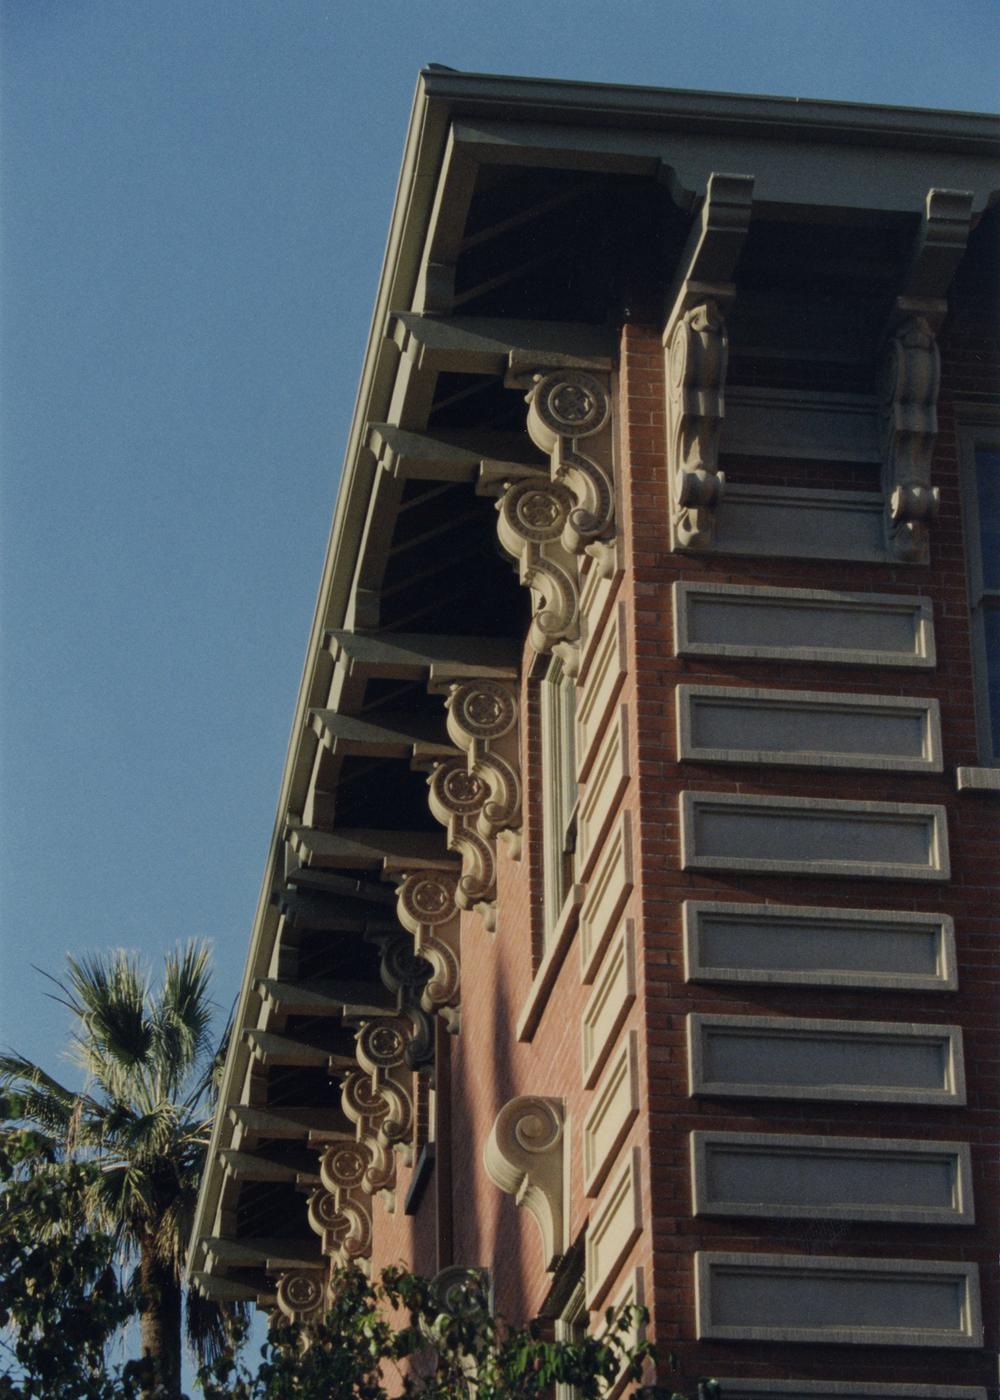 LA County Hospital